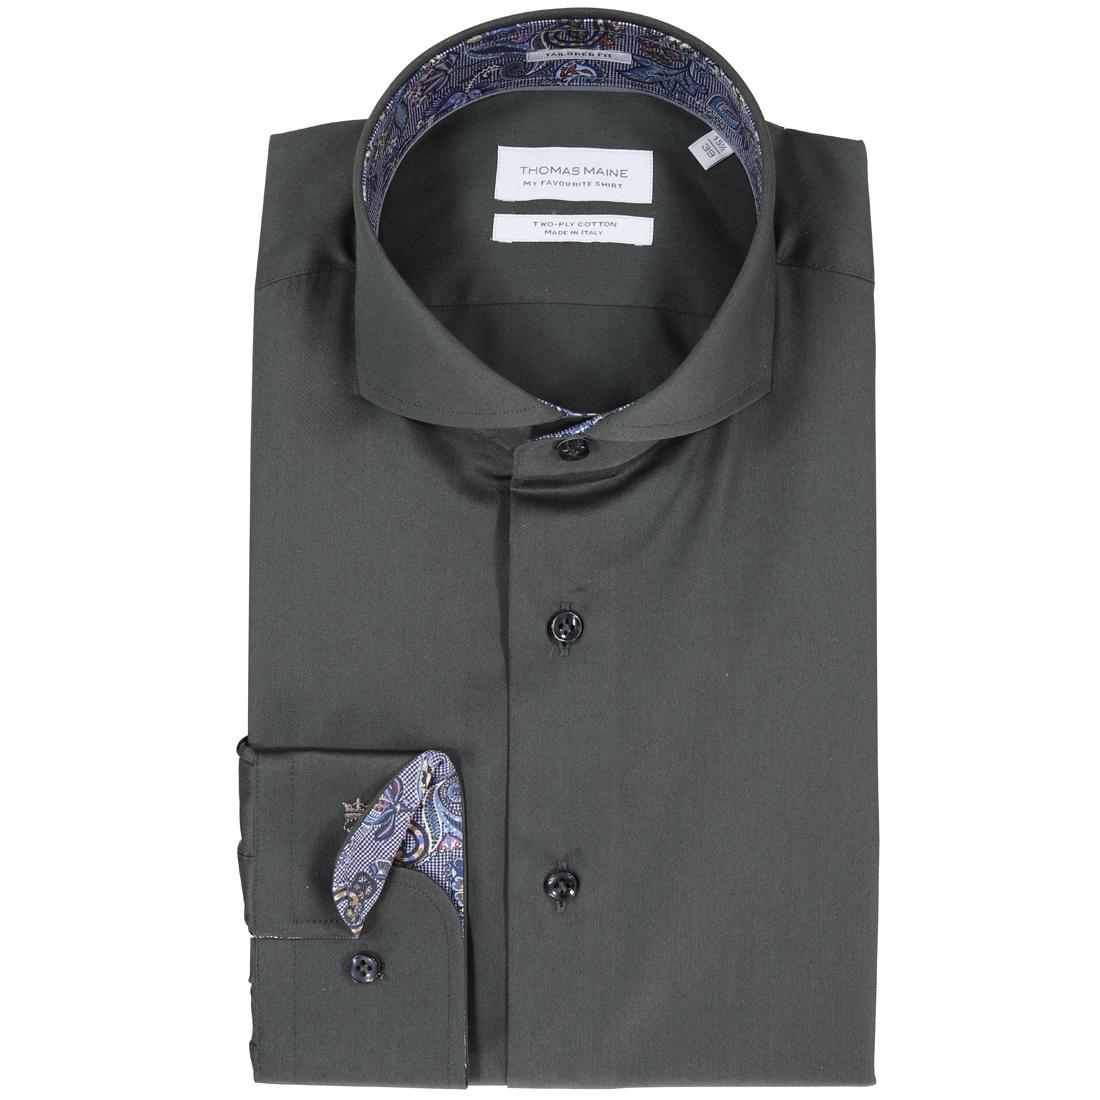 Image of Thomas Maine overhemd 827700 in het Groen